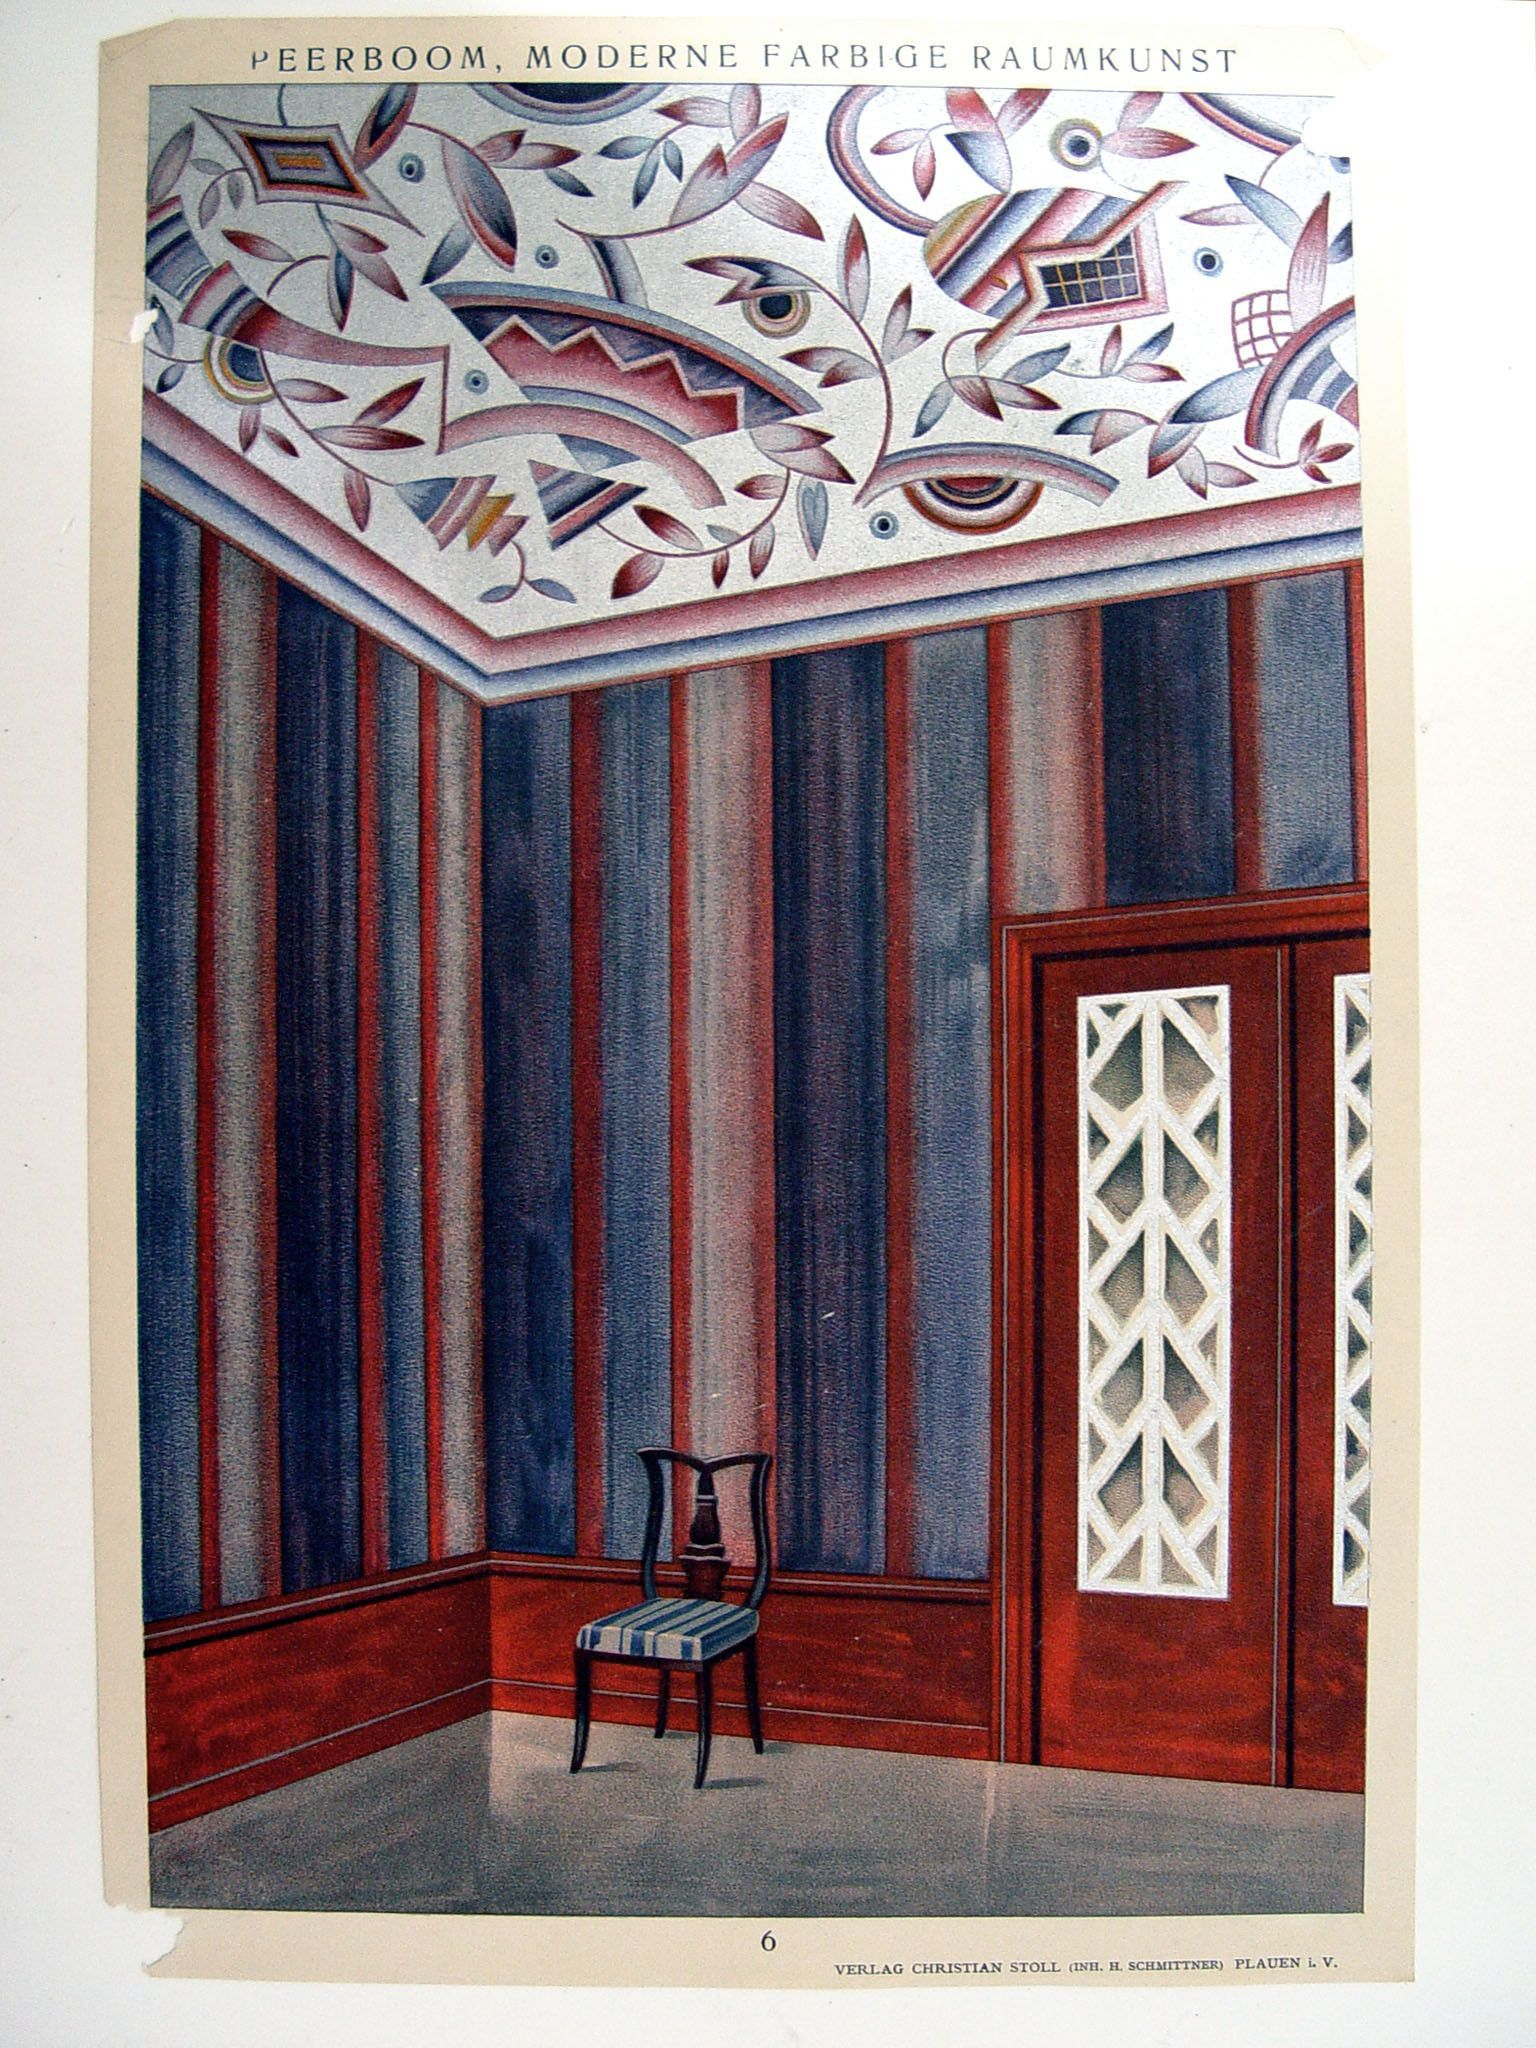 Deco Interior Pochoir Navy/Silver, 1929